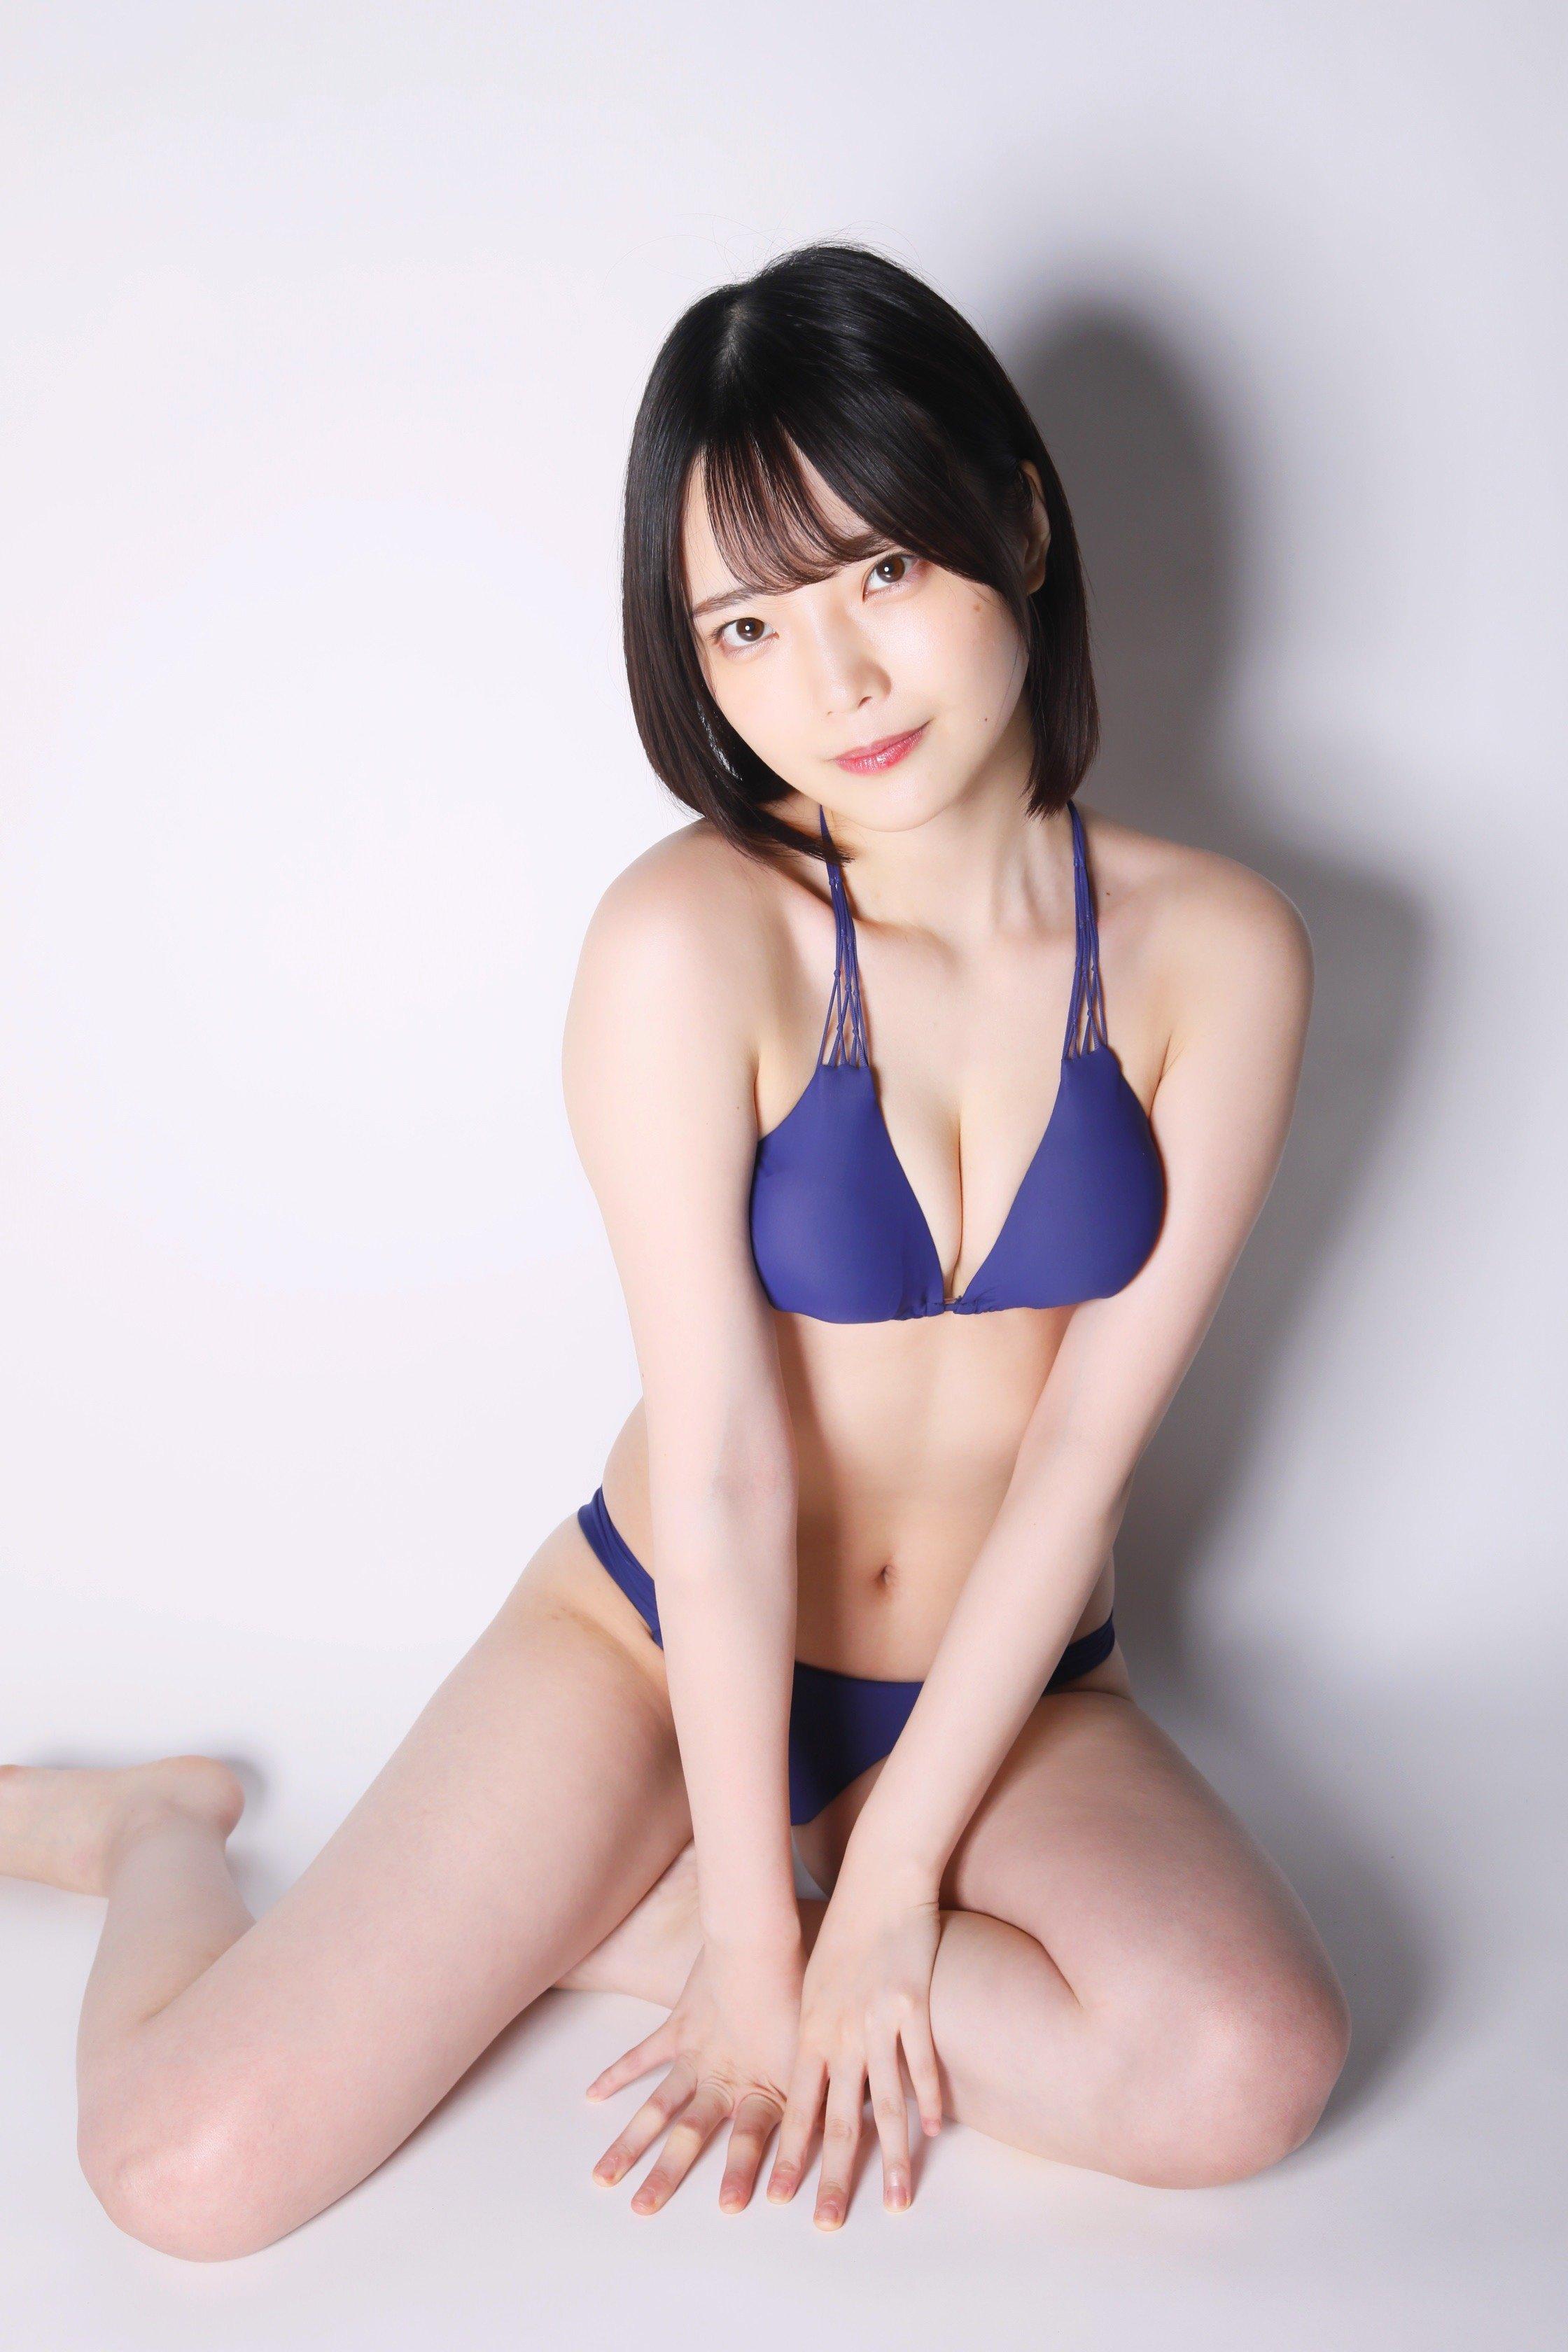 新谷姫加「こんなにセクシーな水着は初めて」【画像3枚】の画像002